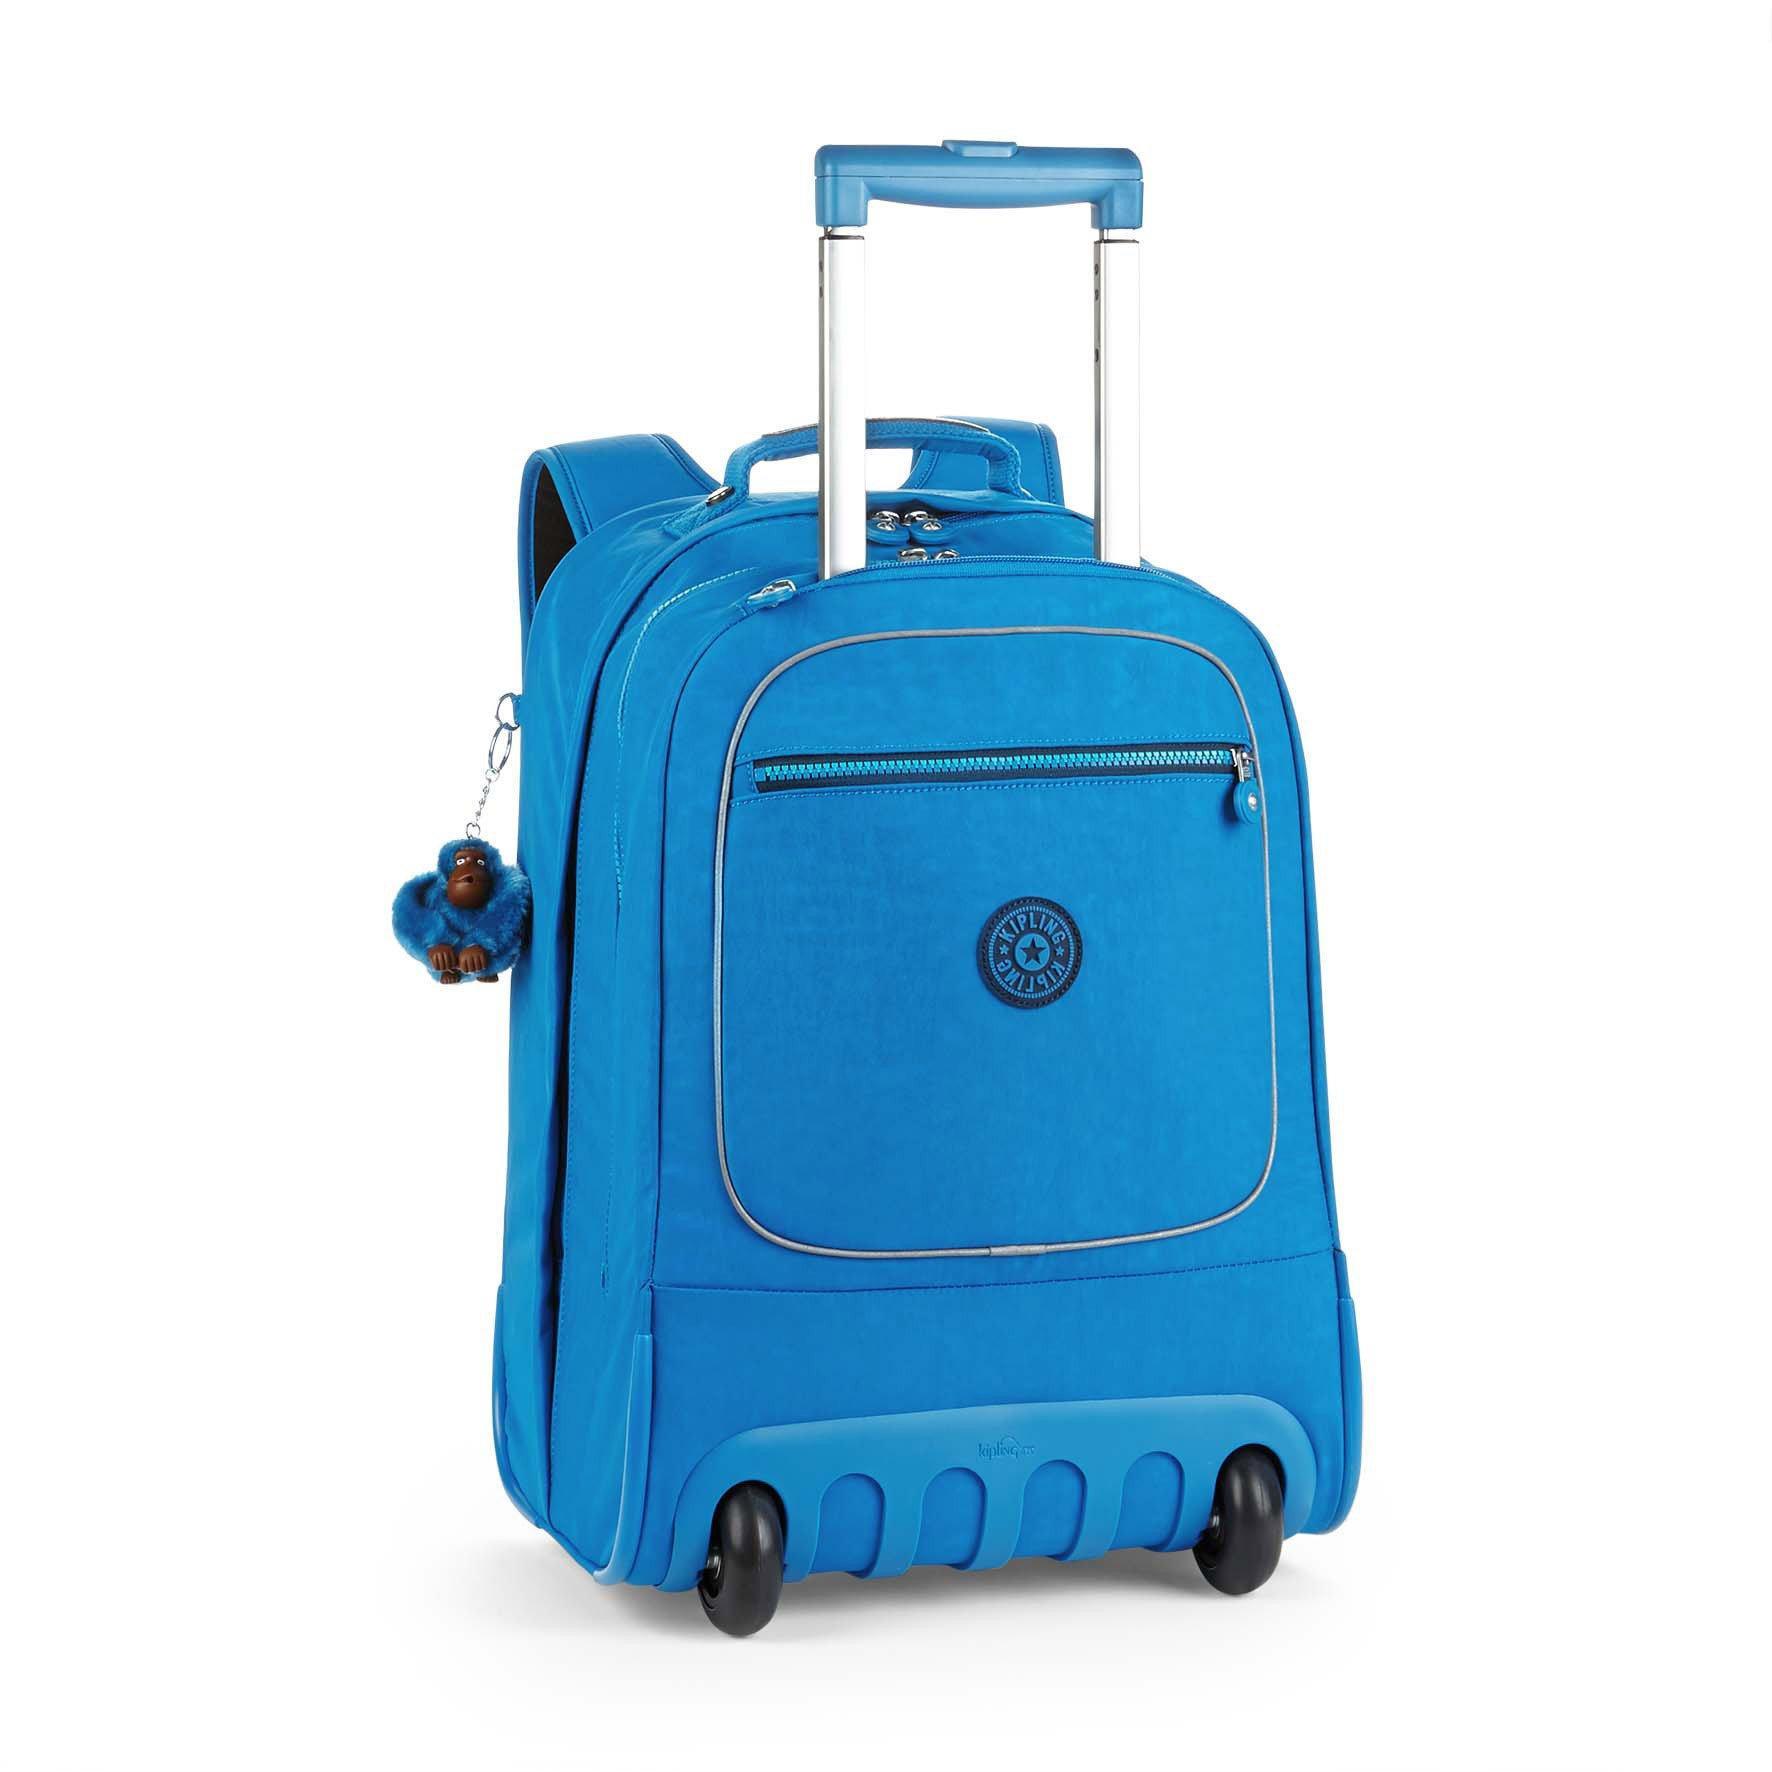 8fa59e2d86 Τρόλεϊ σχολικό Class Soobin L Blue Green. Kipling